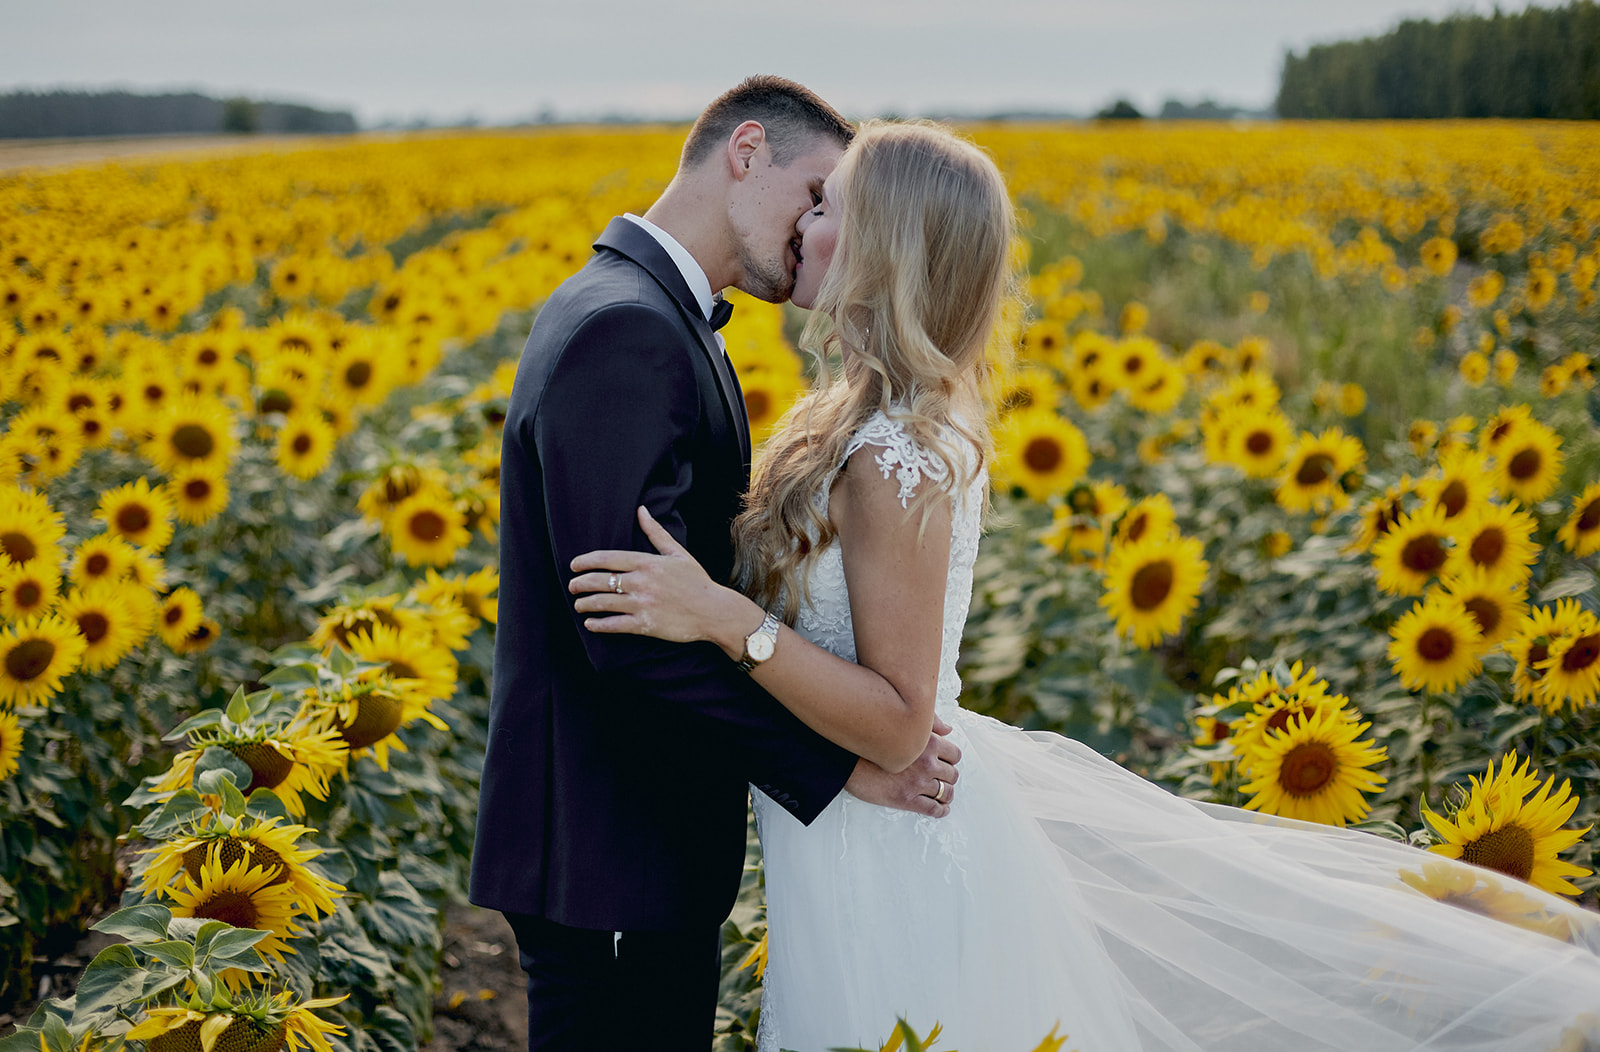 Sesja ślubna w zbożu i słonecznikach - Joanna i Rafał